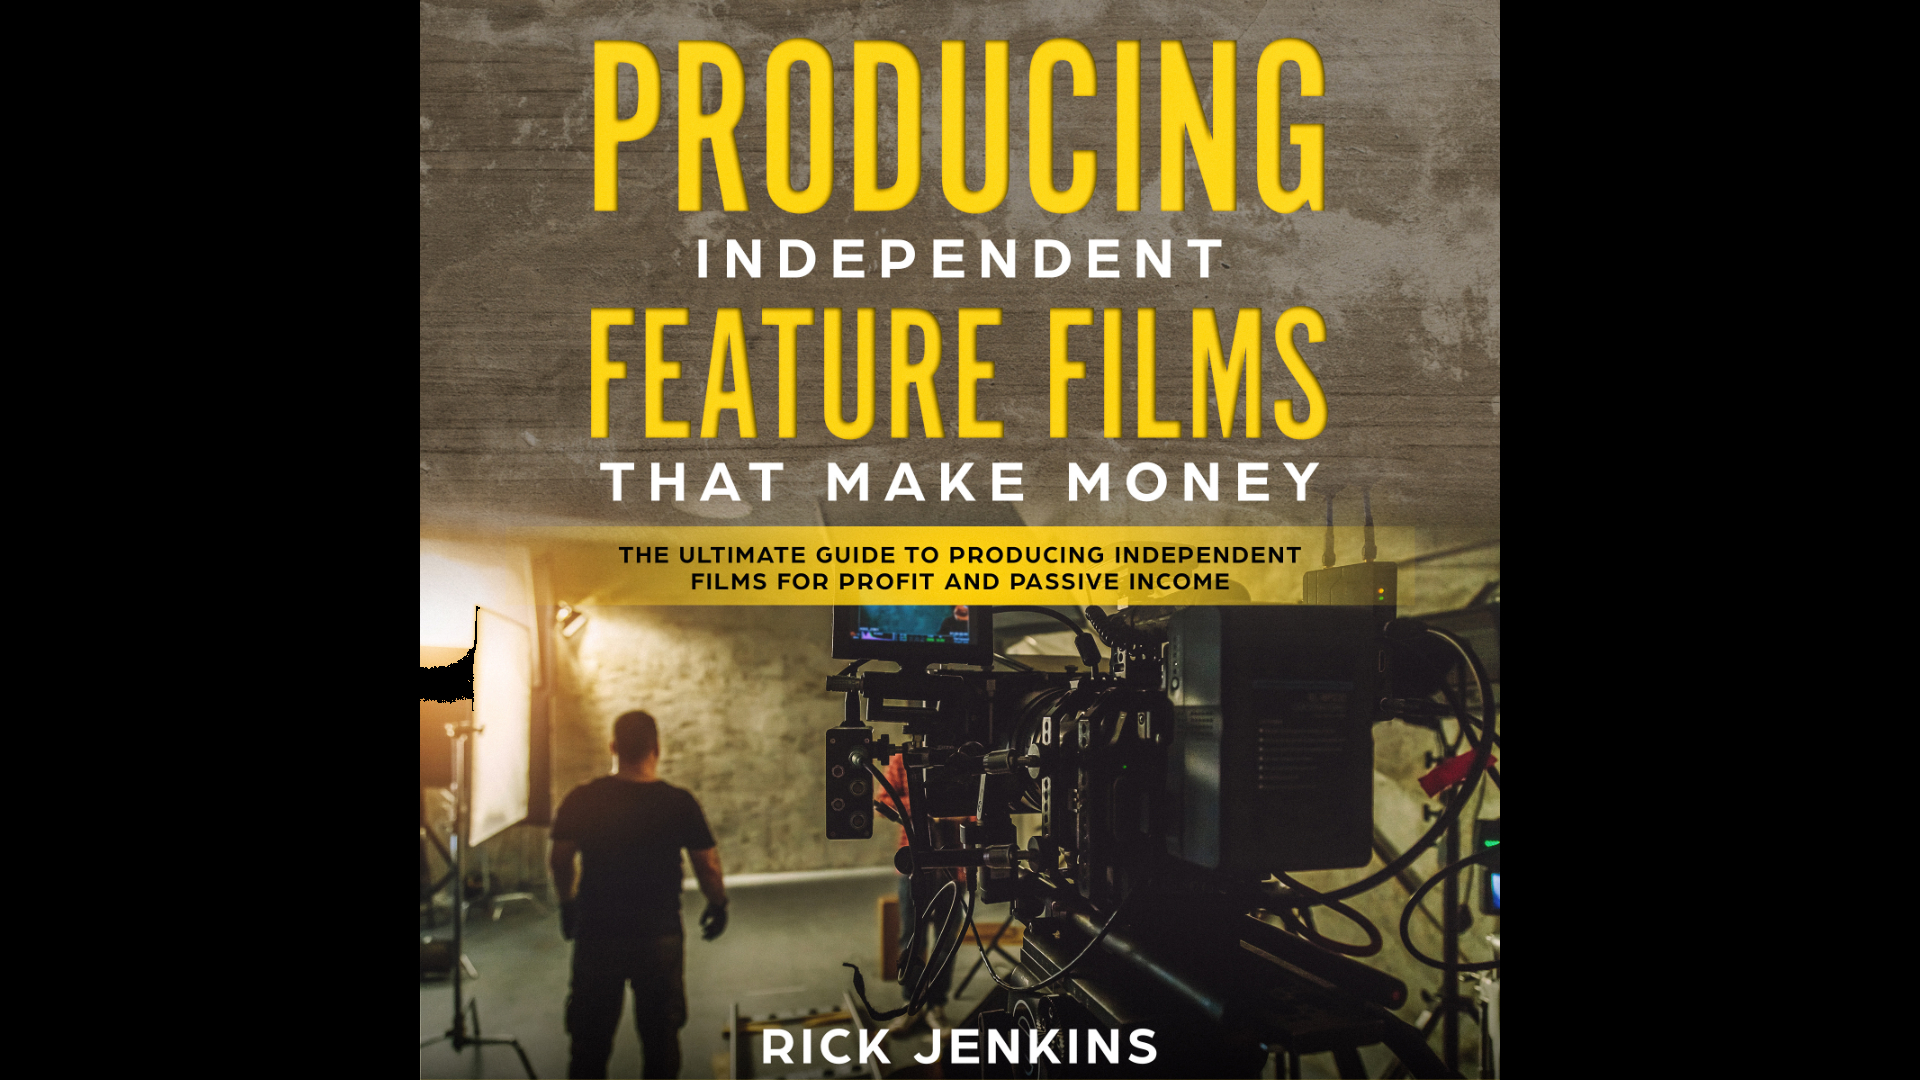 Producing Indie Films Website Audiobook Banner